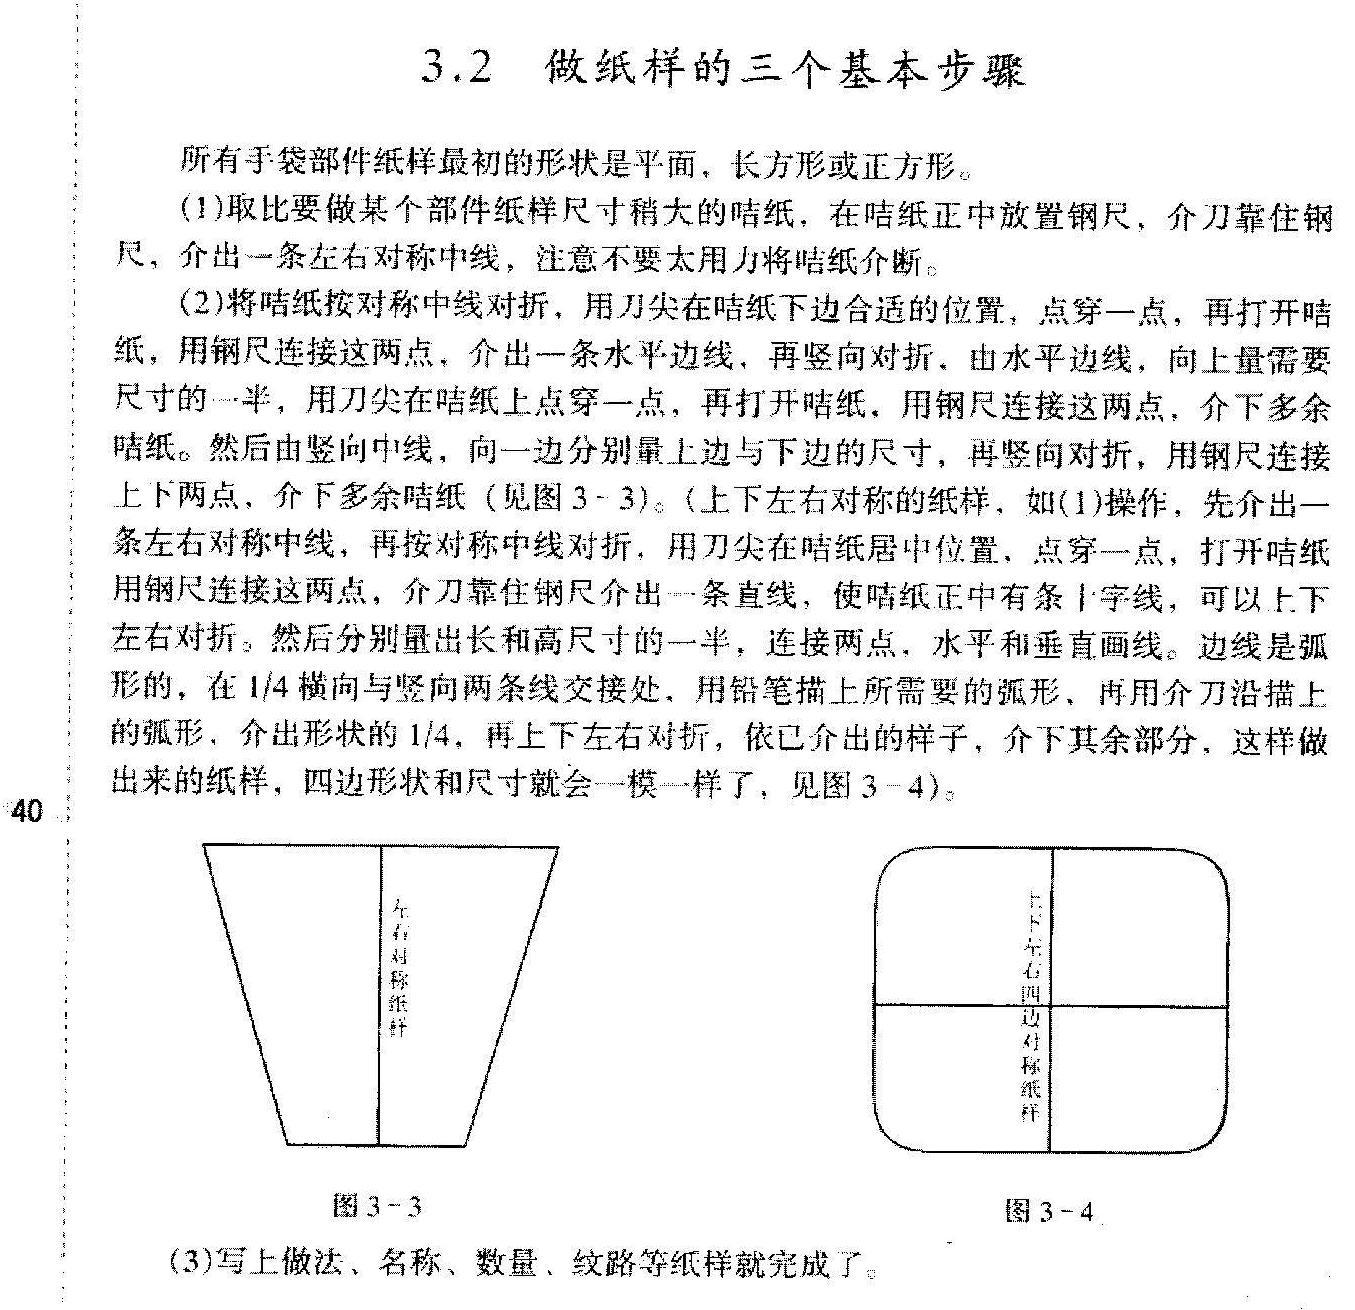 手袋出格师傅pdf_[打版技术请教]手袋出格师傅